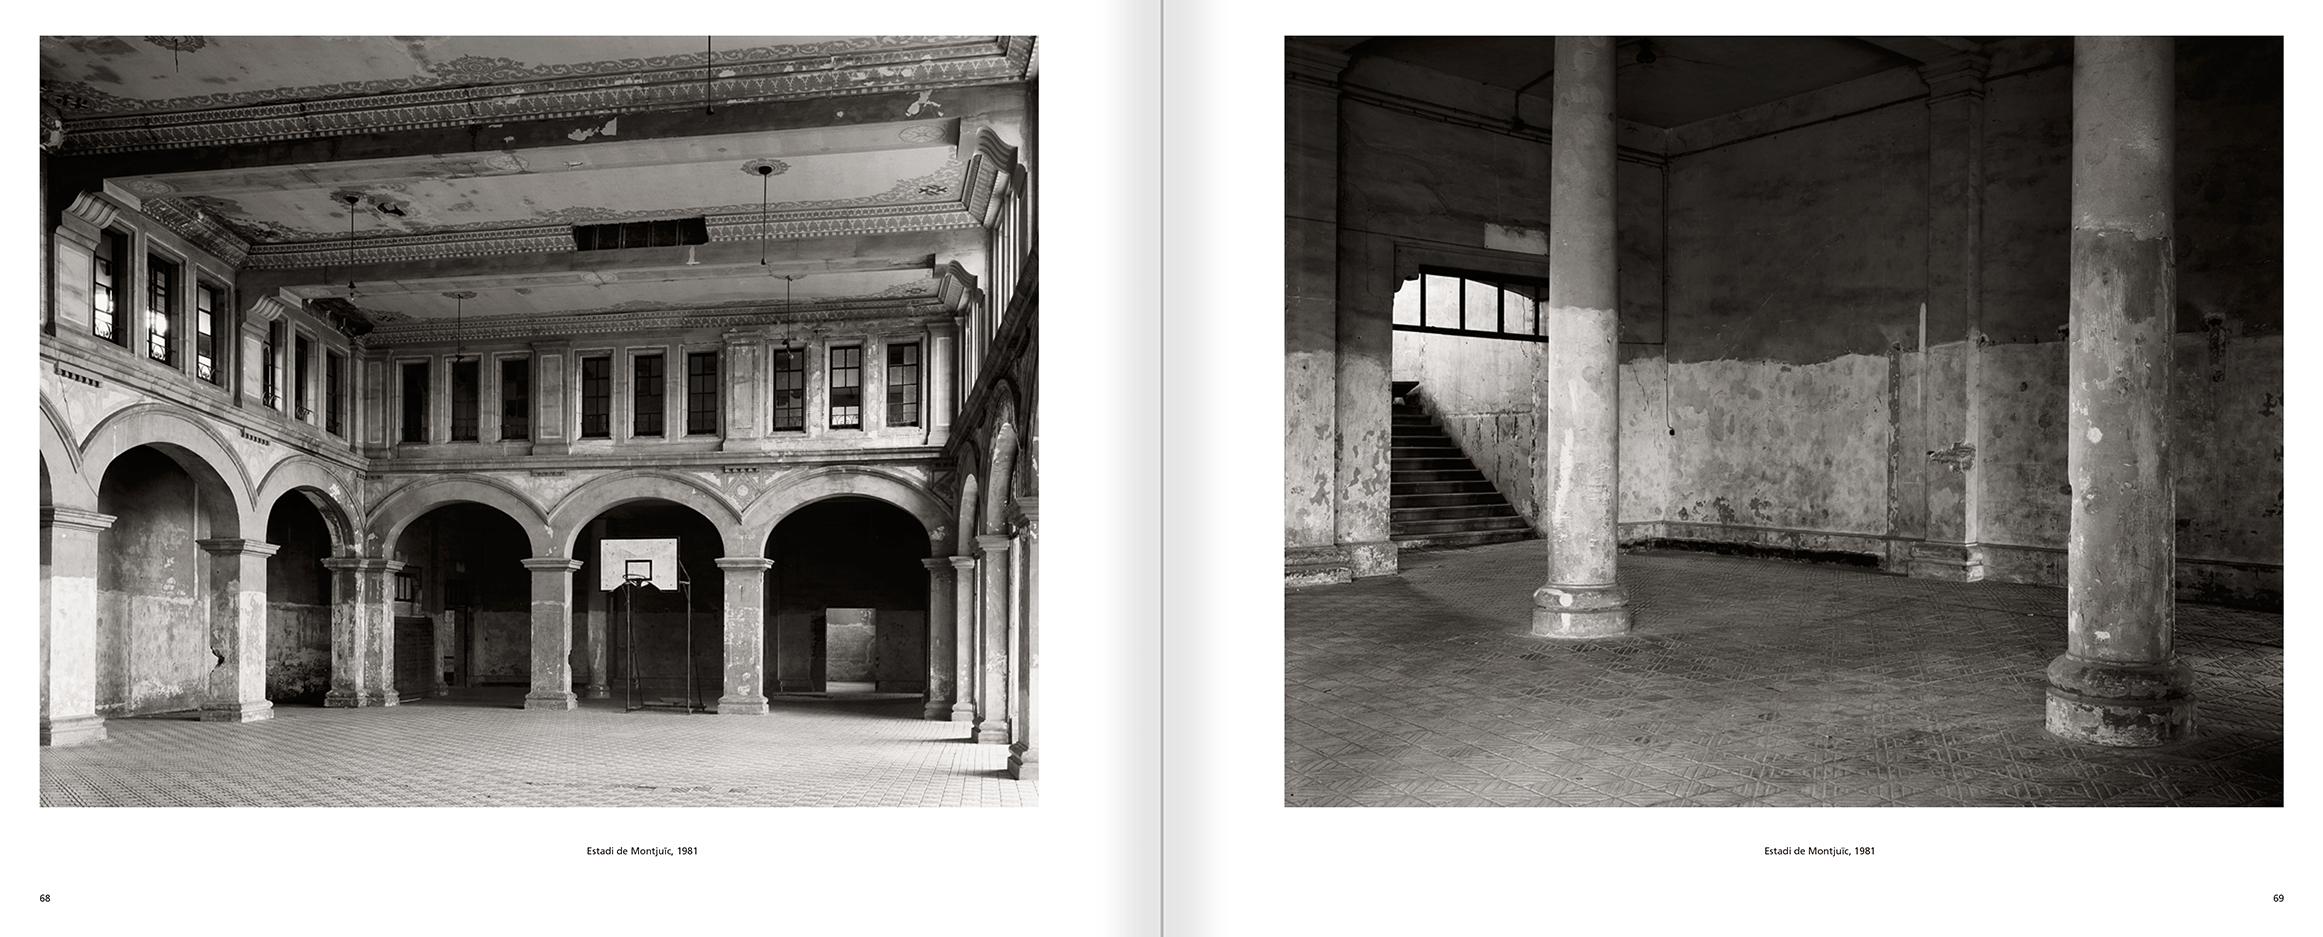 """Selecció del catàleg """"Barcelona 1978-1997. Manolo Laguillo"""" pàgines 68 i 69"""